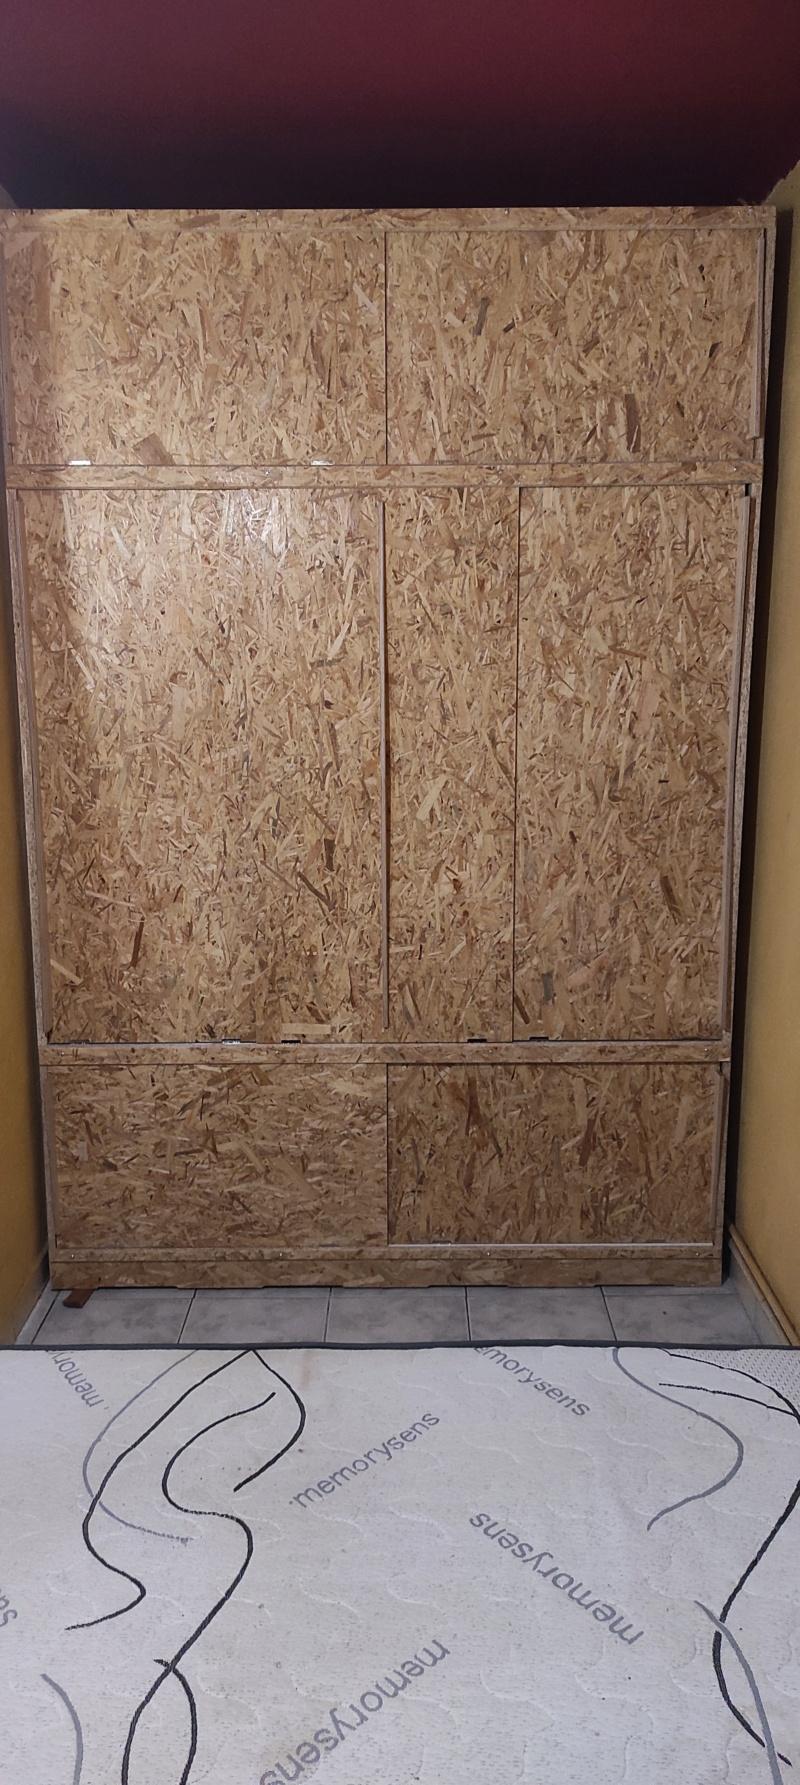 Conseils sur conception d'une grande armoire 16205615